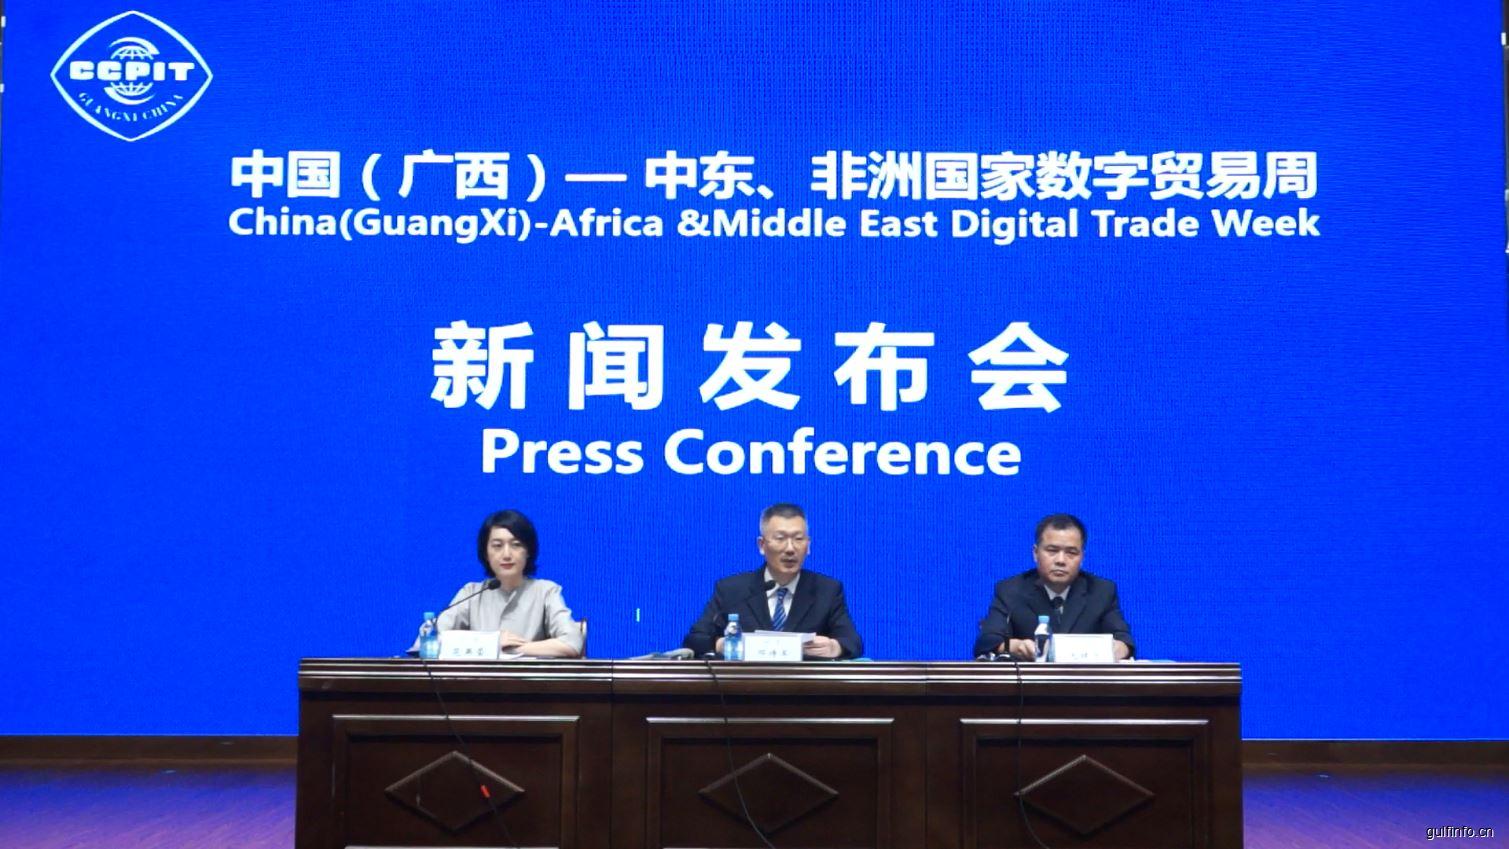 中国(广西)—中东、非洲国家数字贸易周将于6月29日启幕